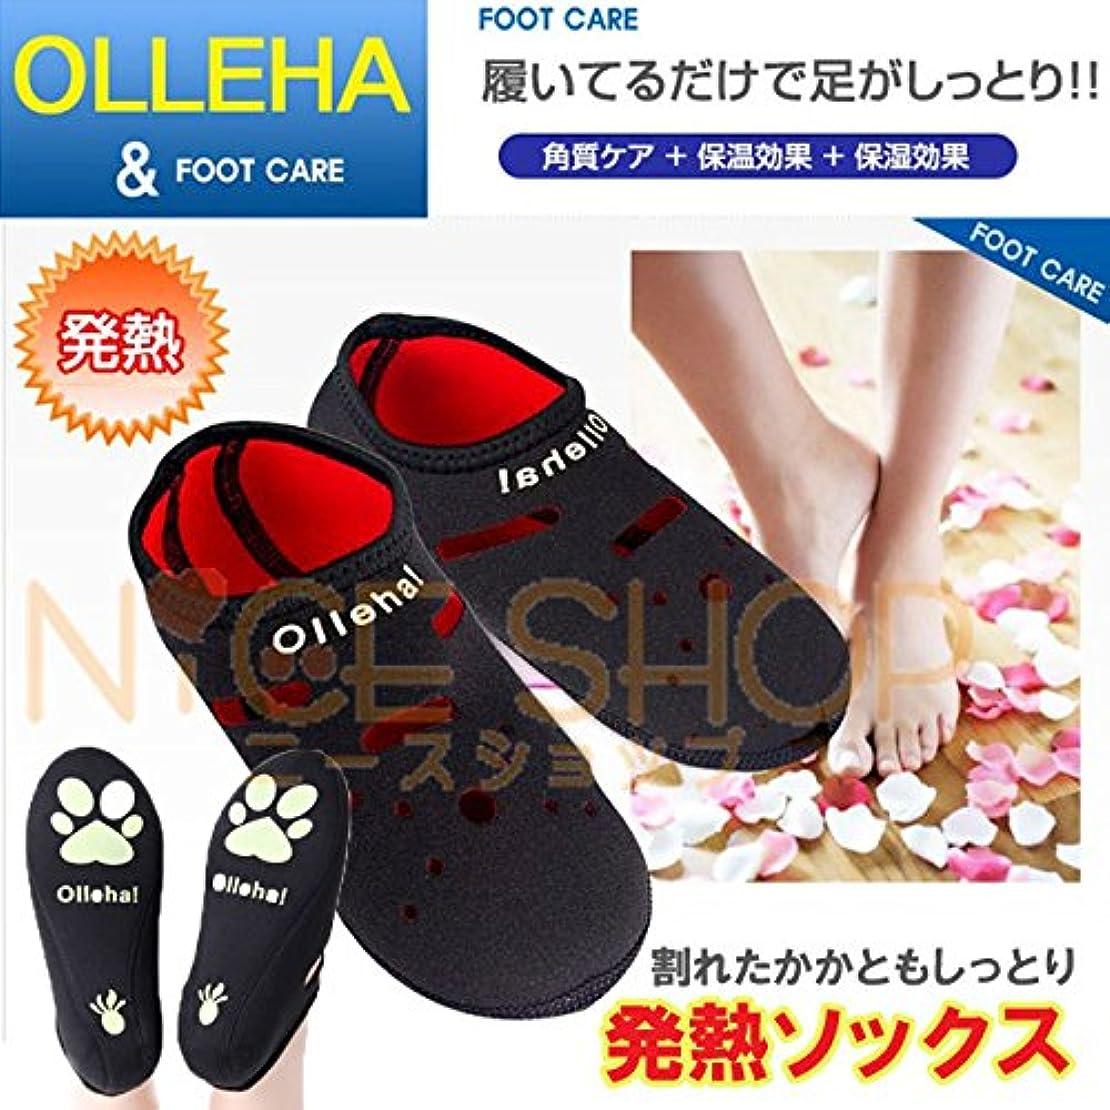 ウェブチャネル膨らませる発熱靴下(足袋)発熱ソックス、フットケアー Olleha! (M(23.5~24.0))